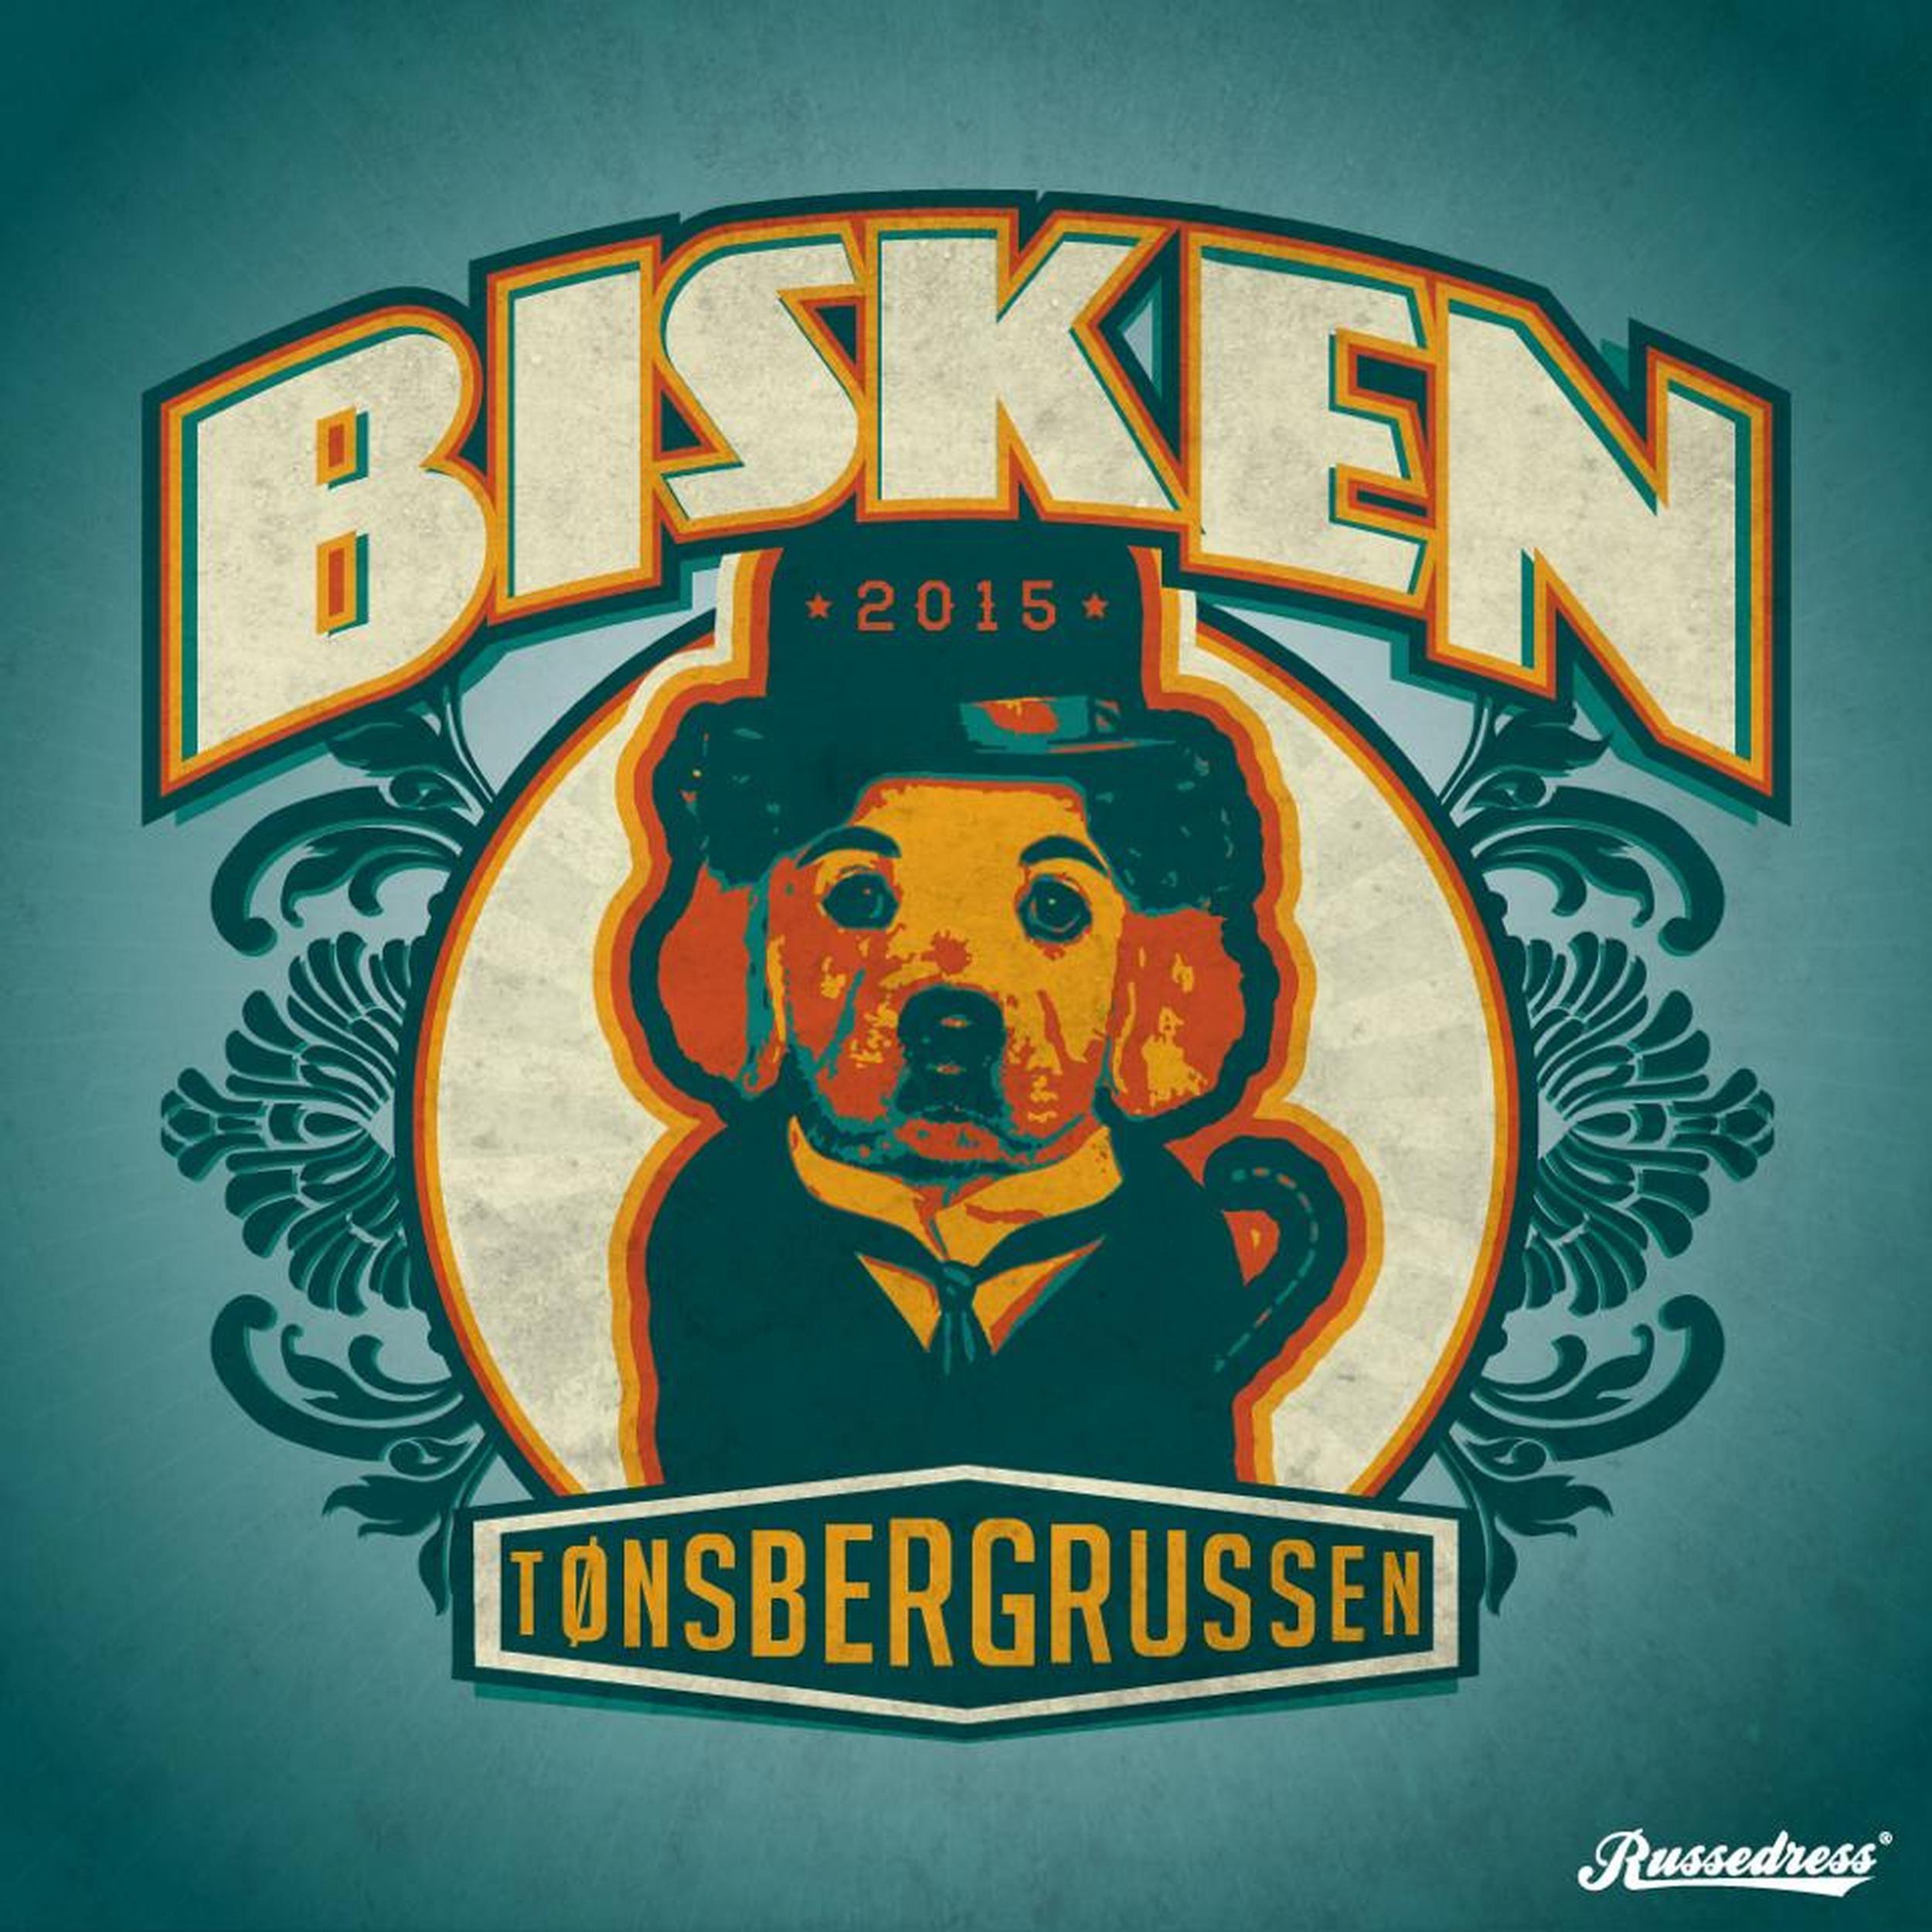 Bisken 2015 - Single